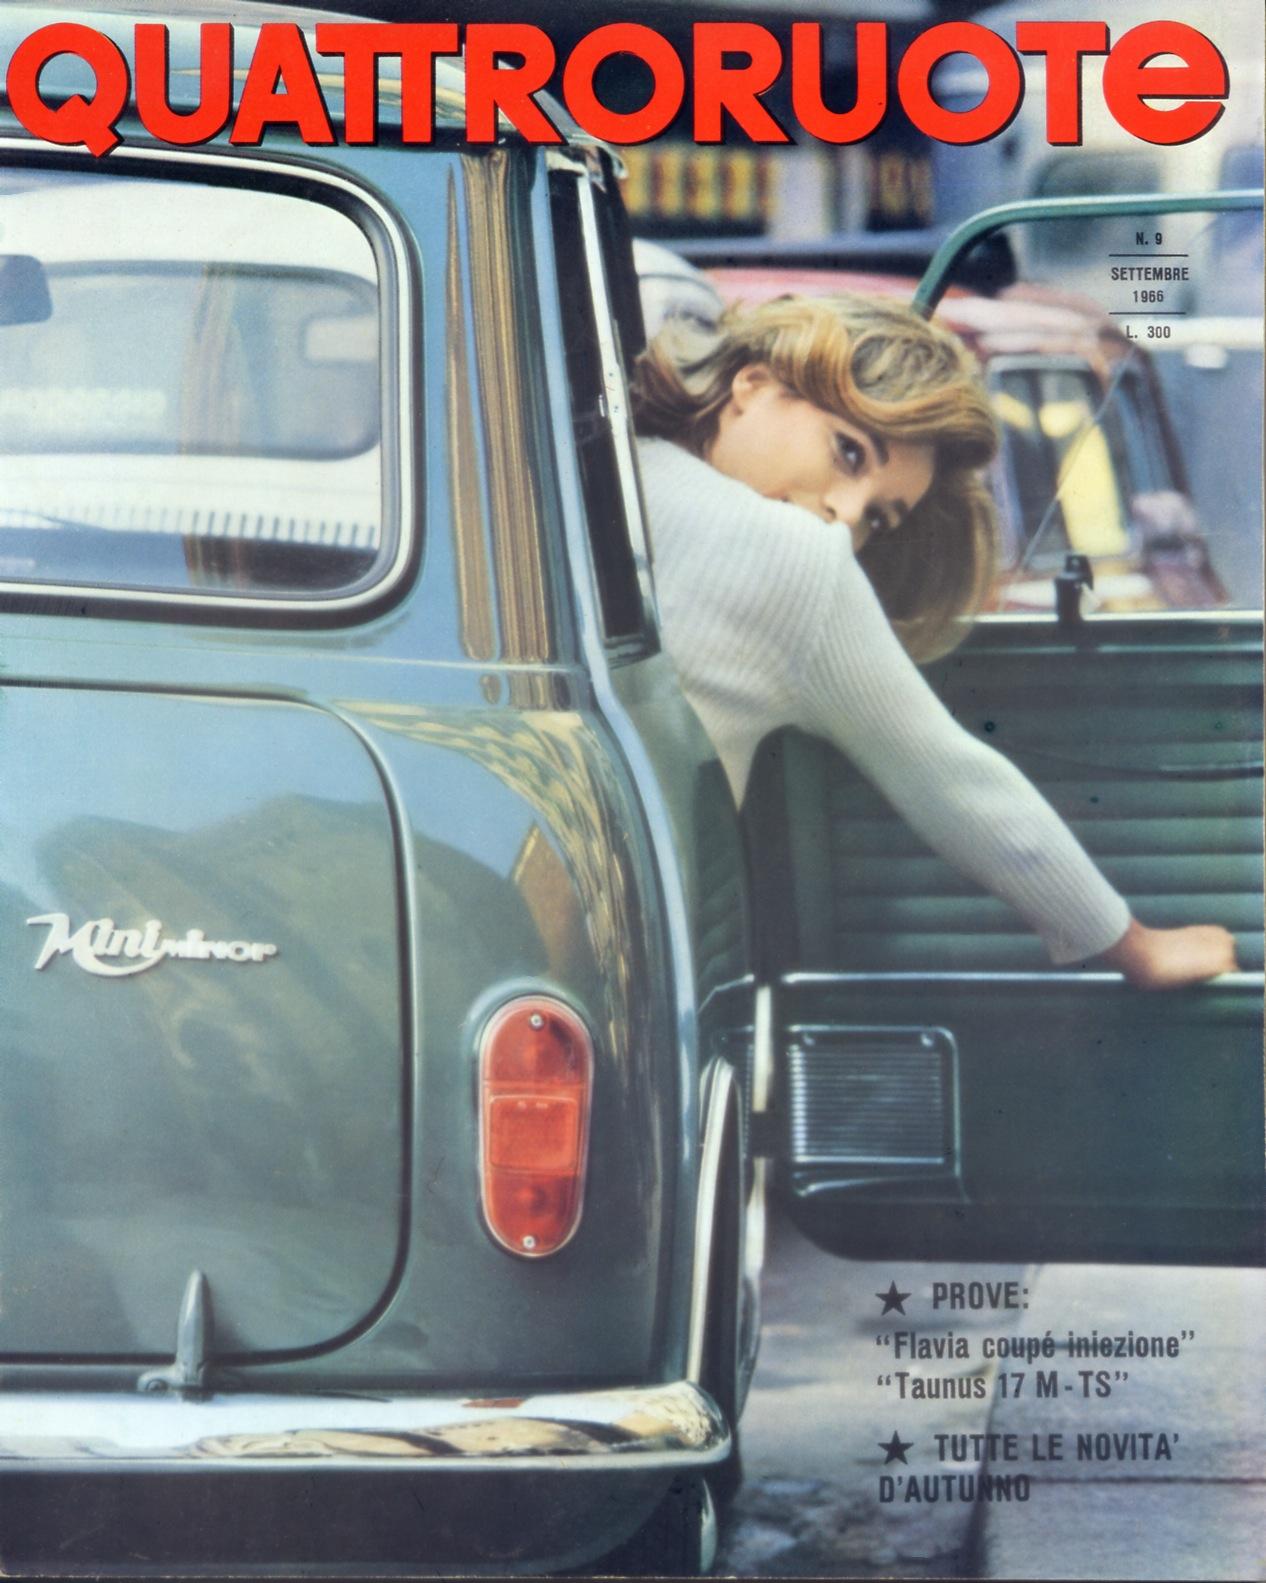 1966 quattroruote copertina settembre 129